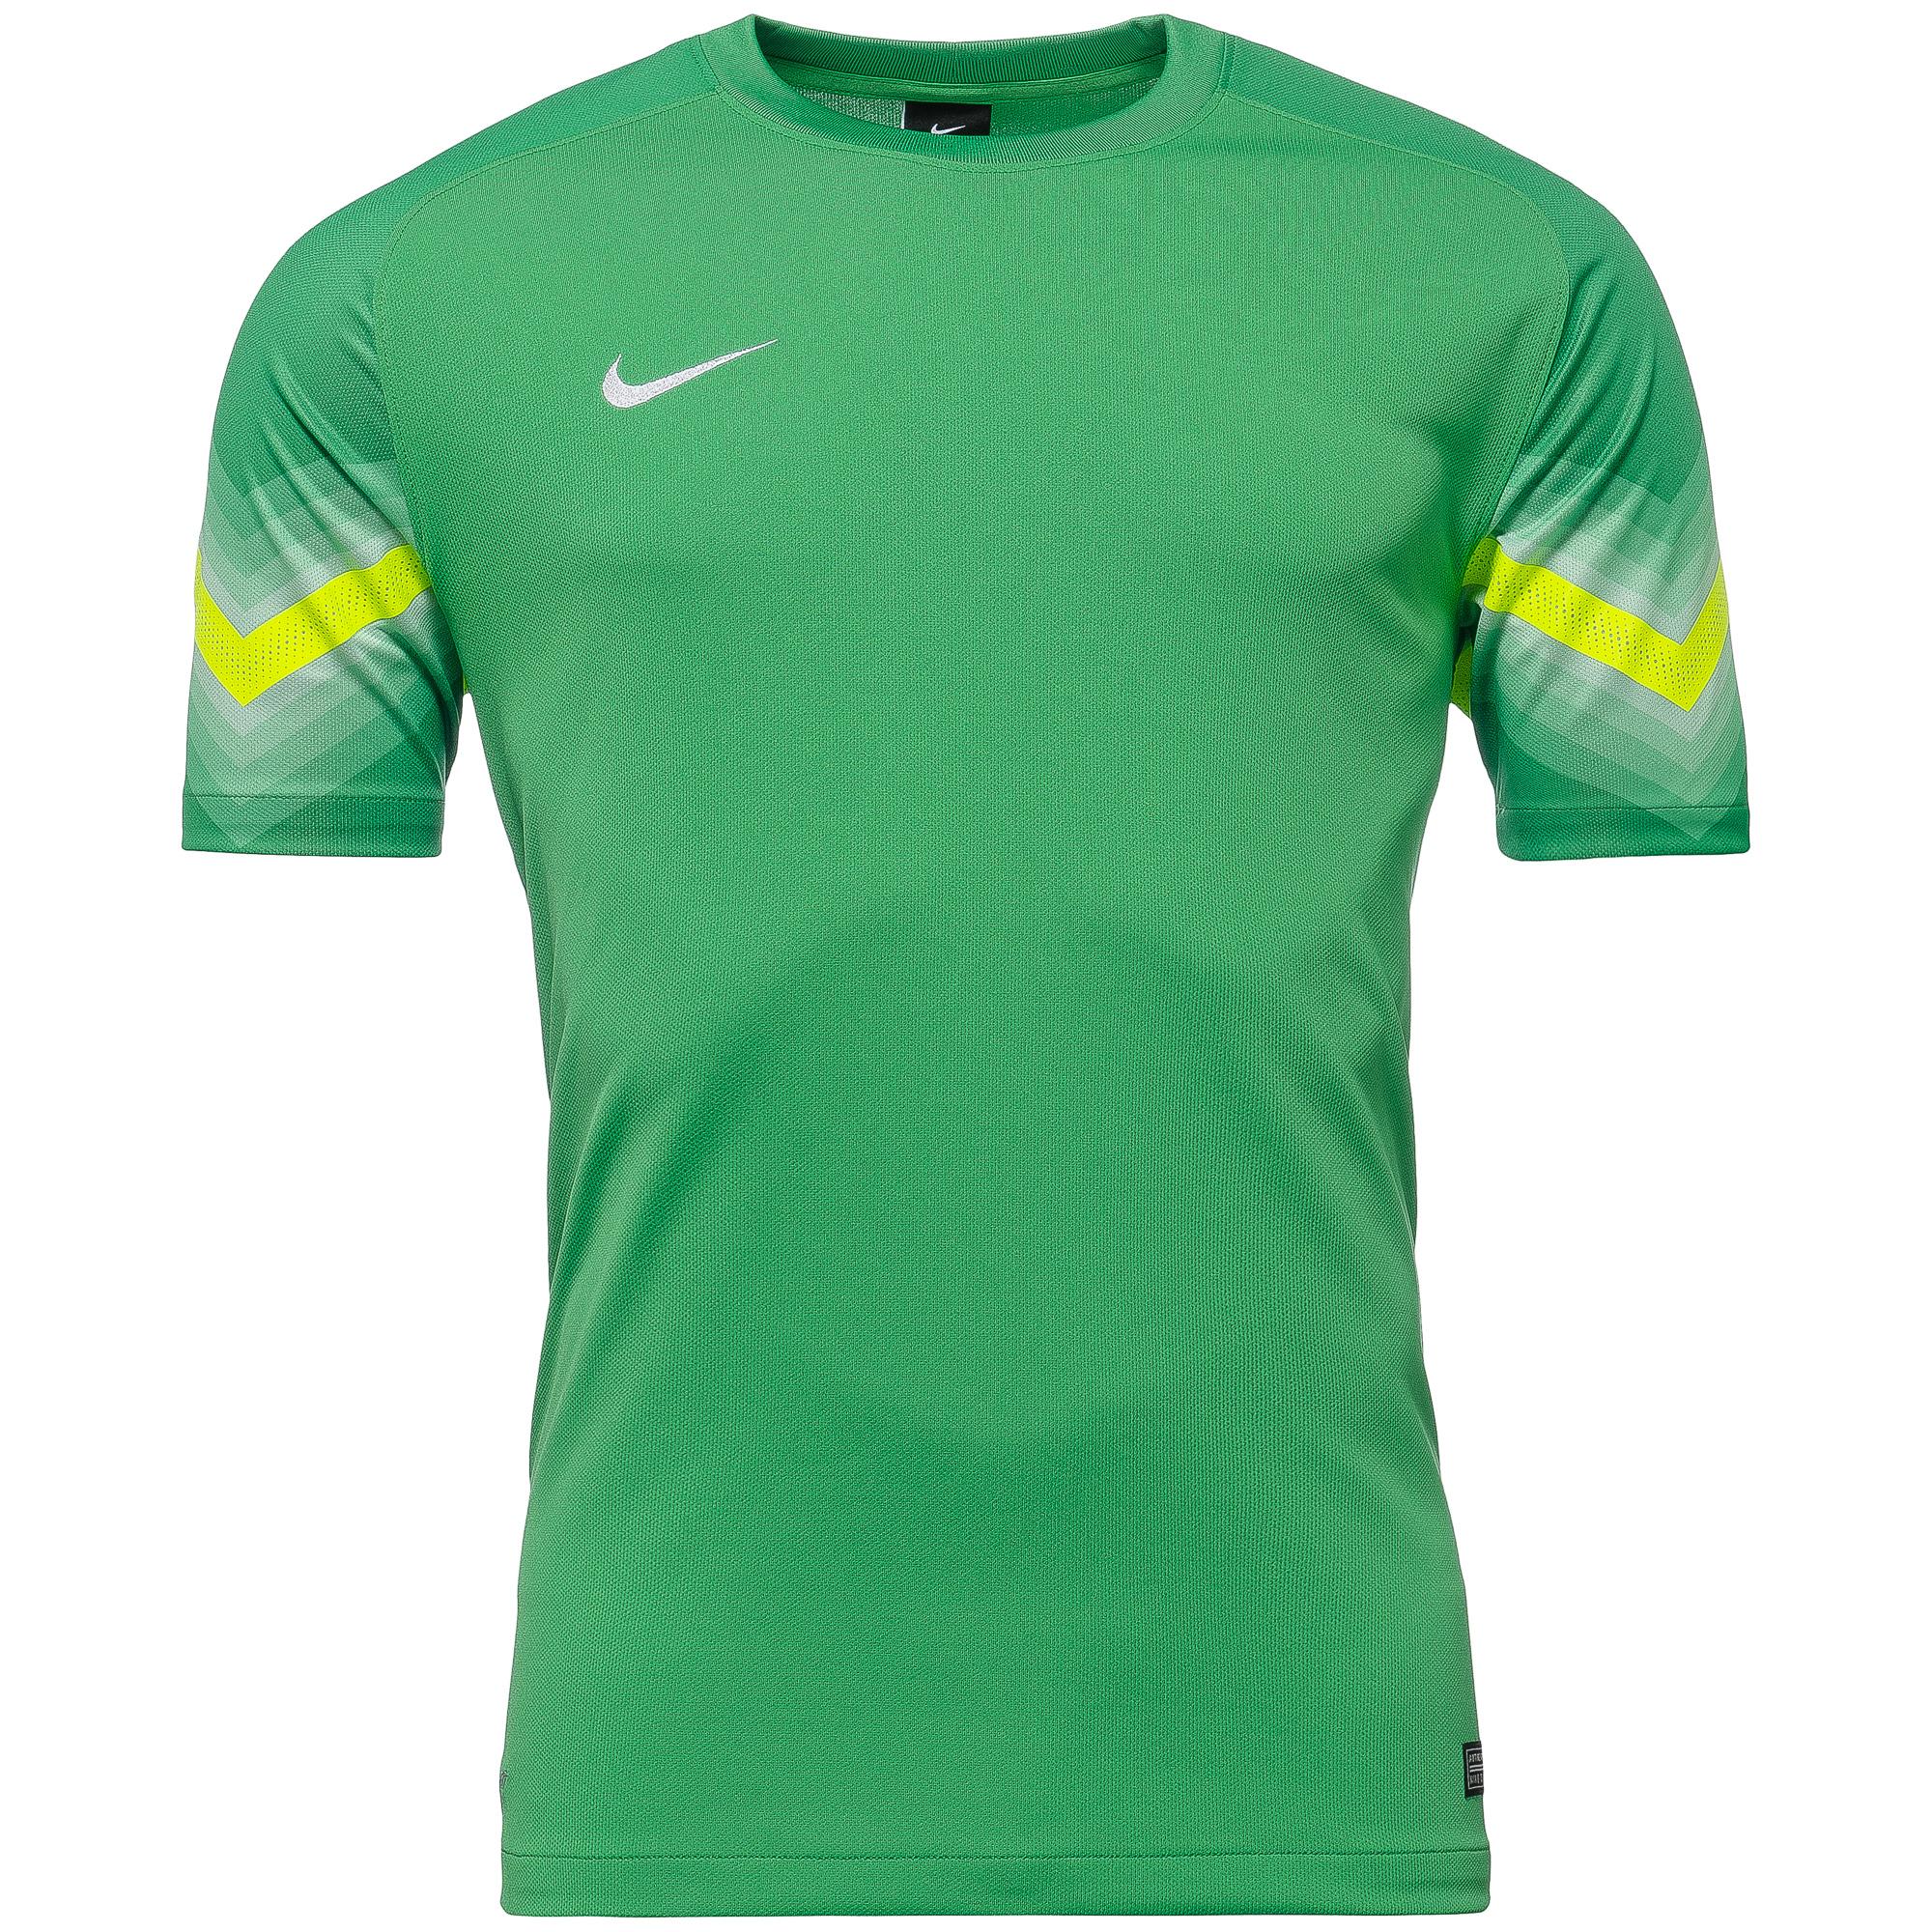 Nike Målvaktströja Goleiro K/Ä Grön/Neon